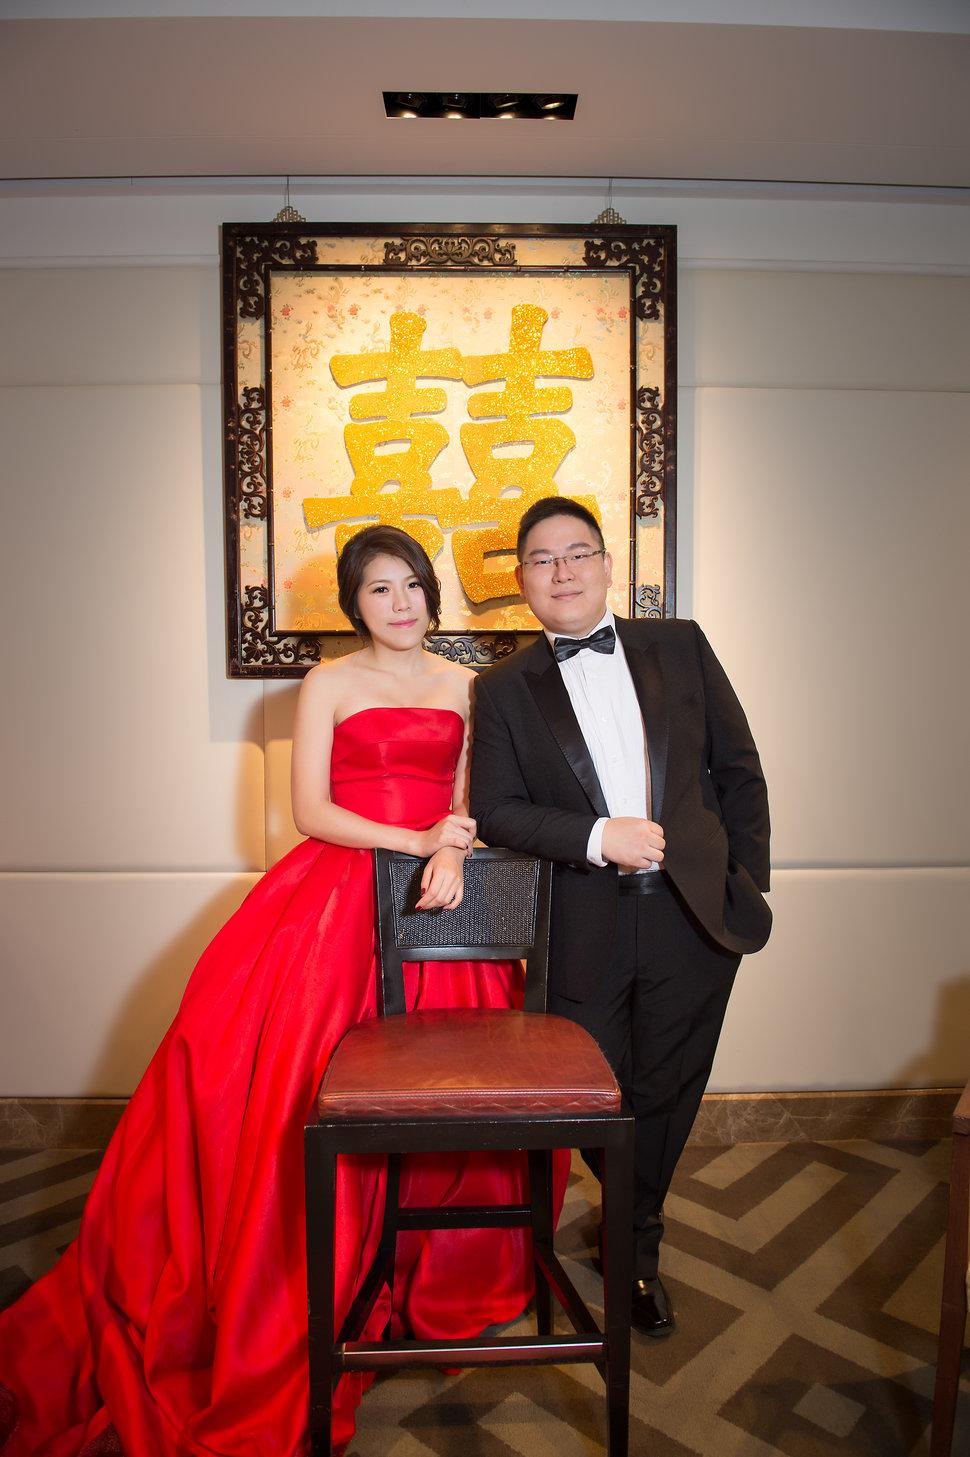 [台北婚攝] 文定婚禮紀錄 台北君悅酒店(編號:432025) - Allen影像團隊 Love Story - 結婚吧